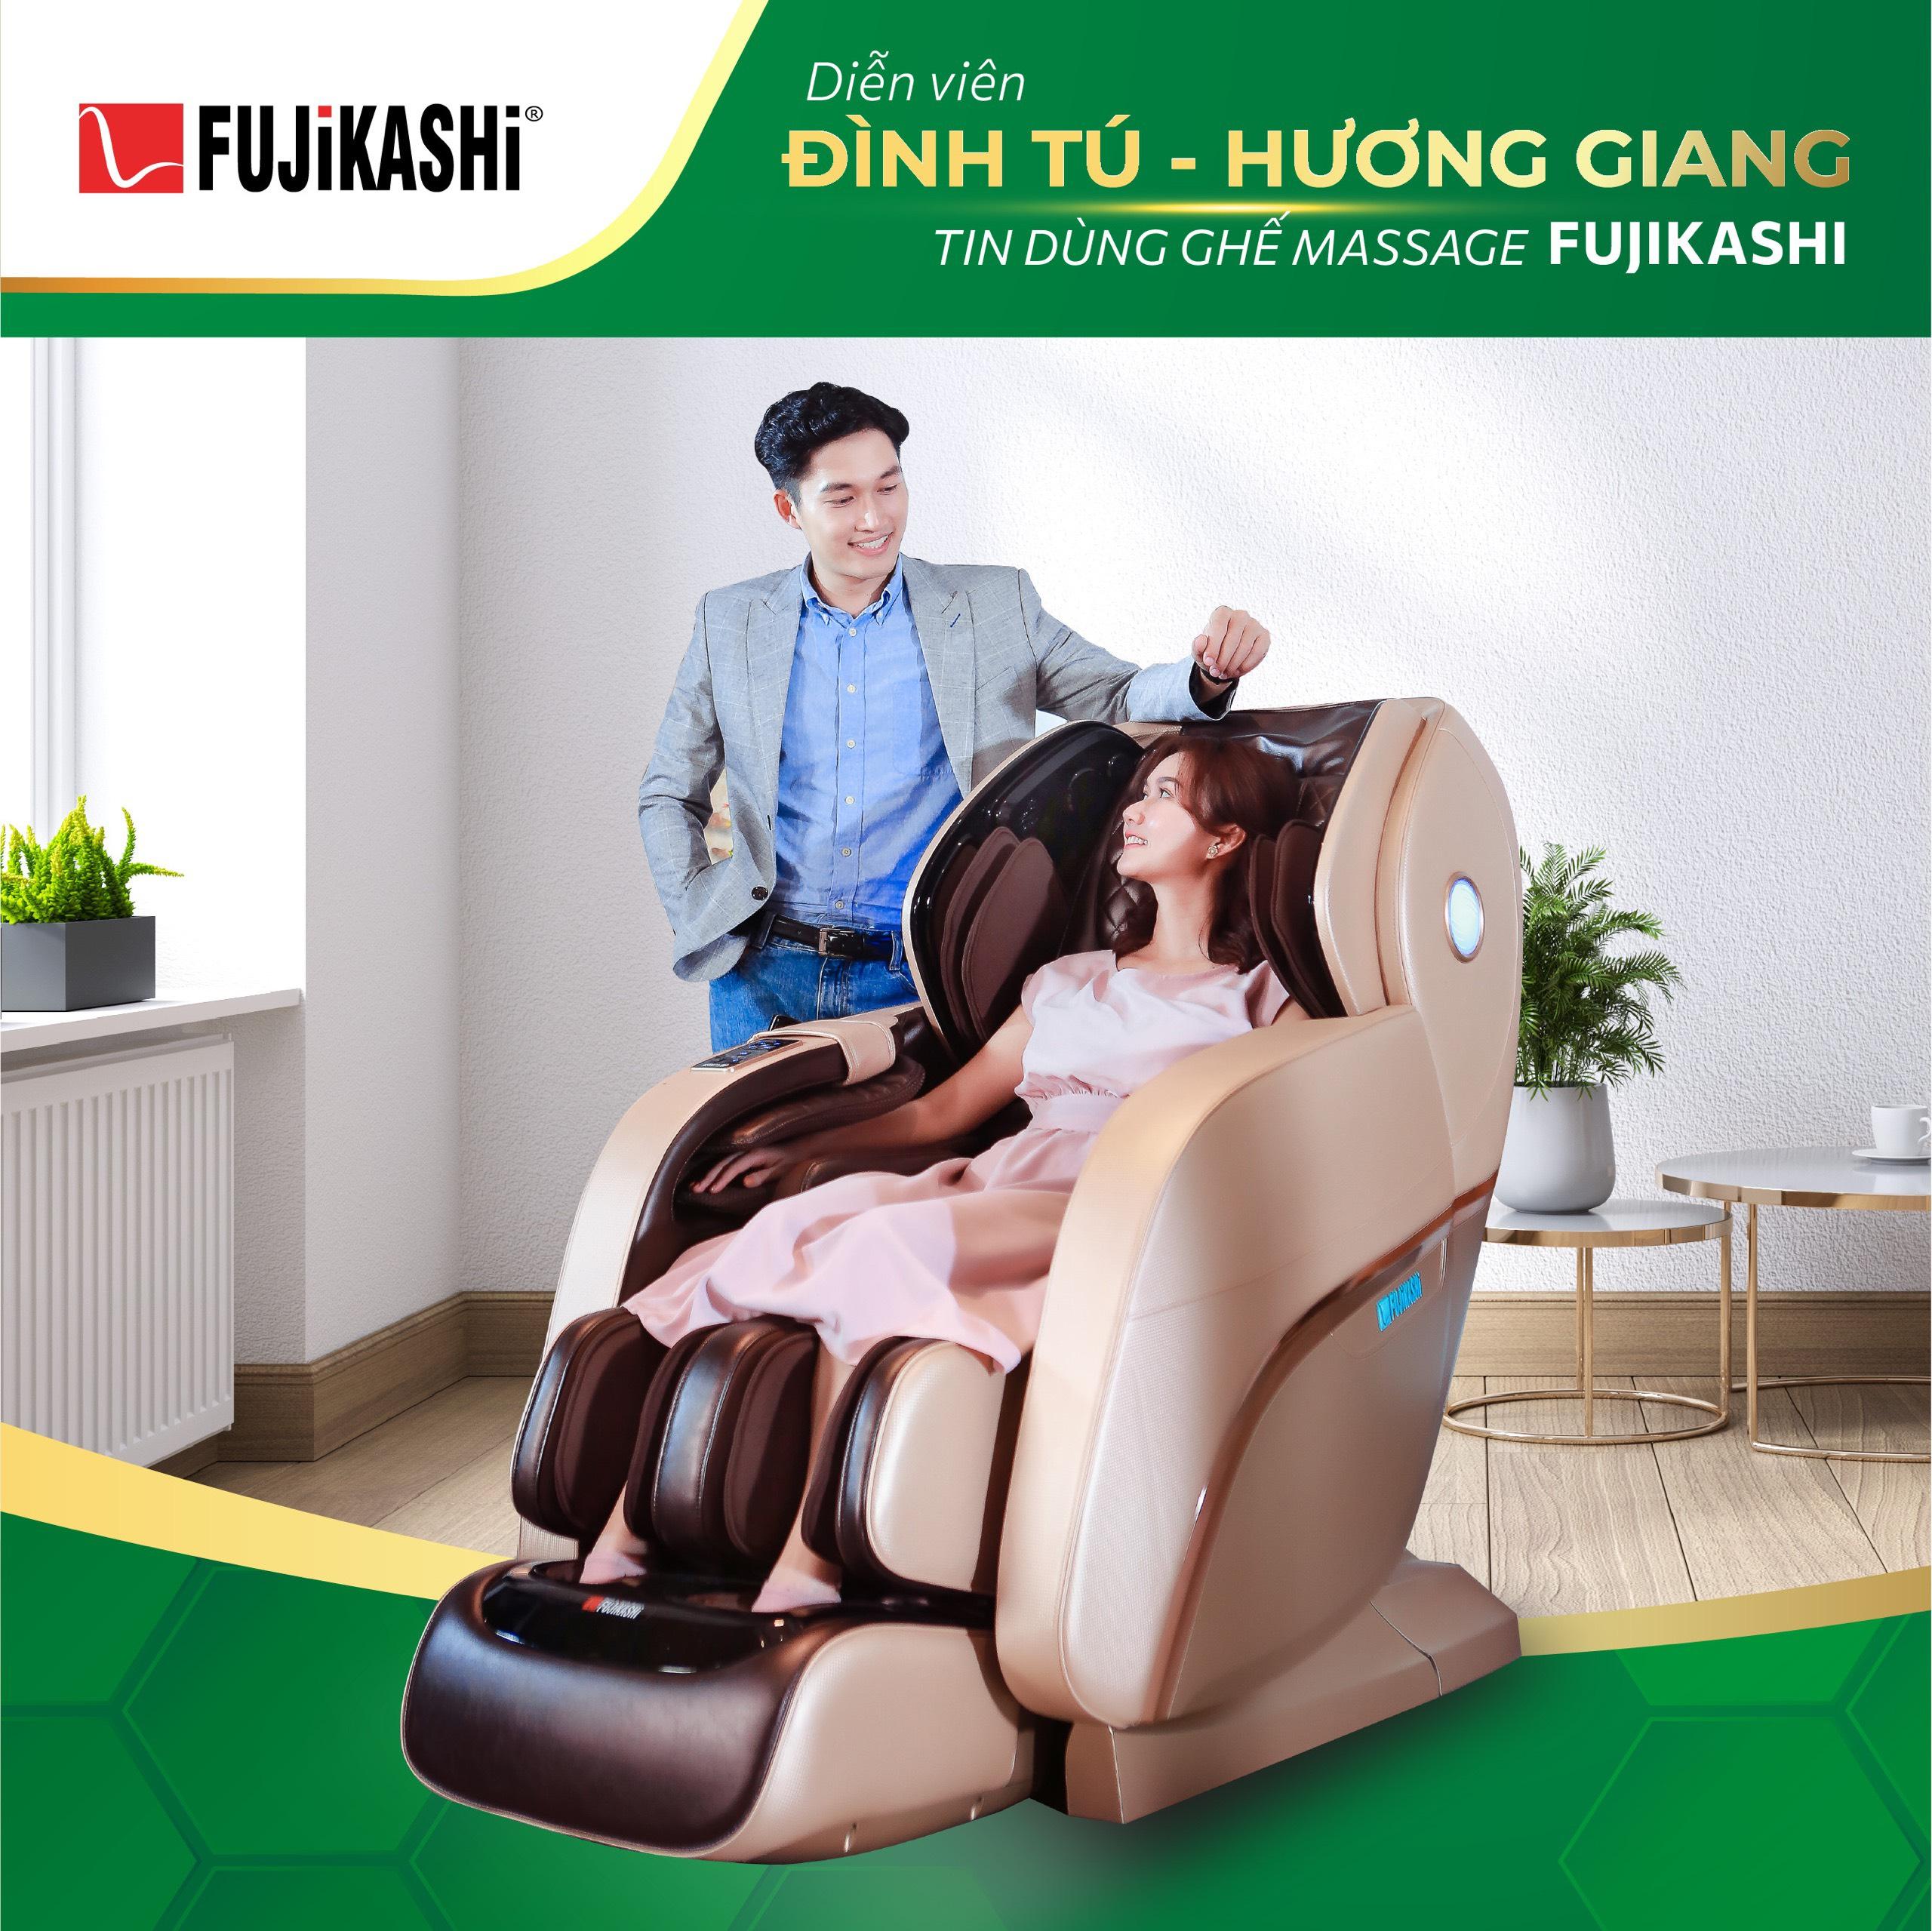 Lựa chọn ghế massage toàn thân theo thương hiệu uy tín